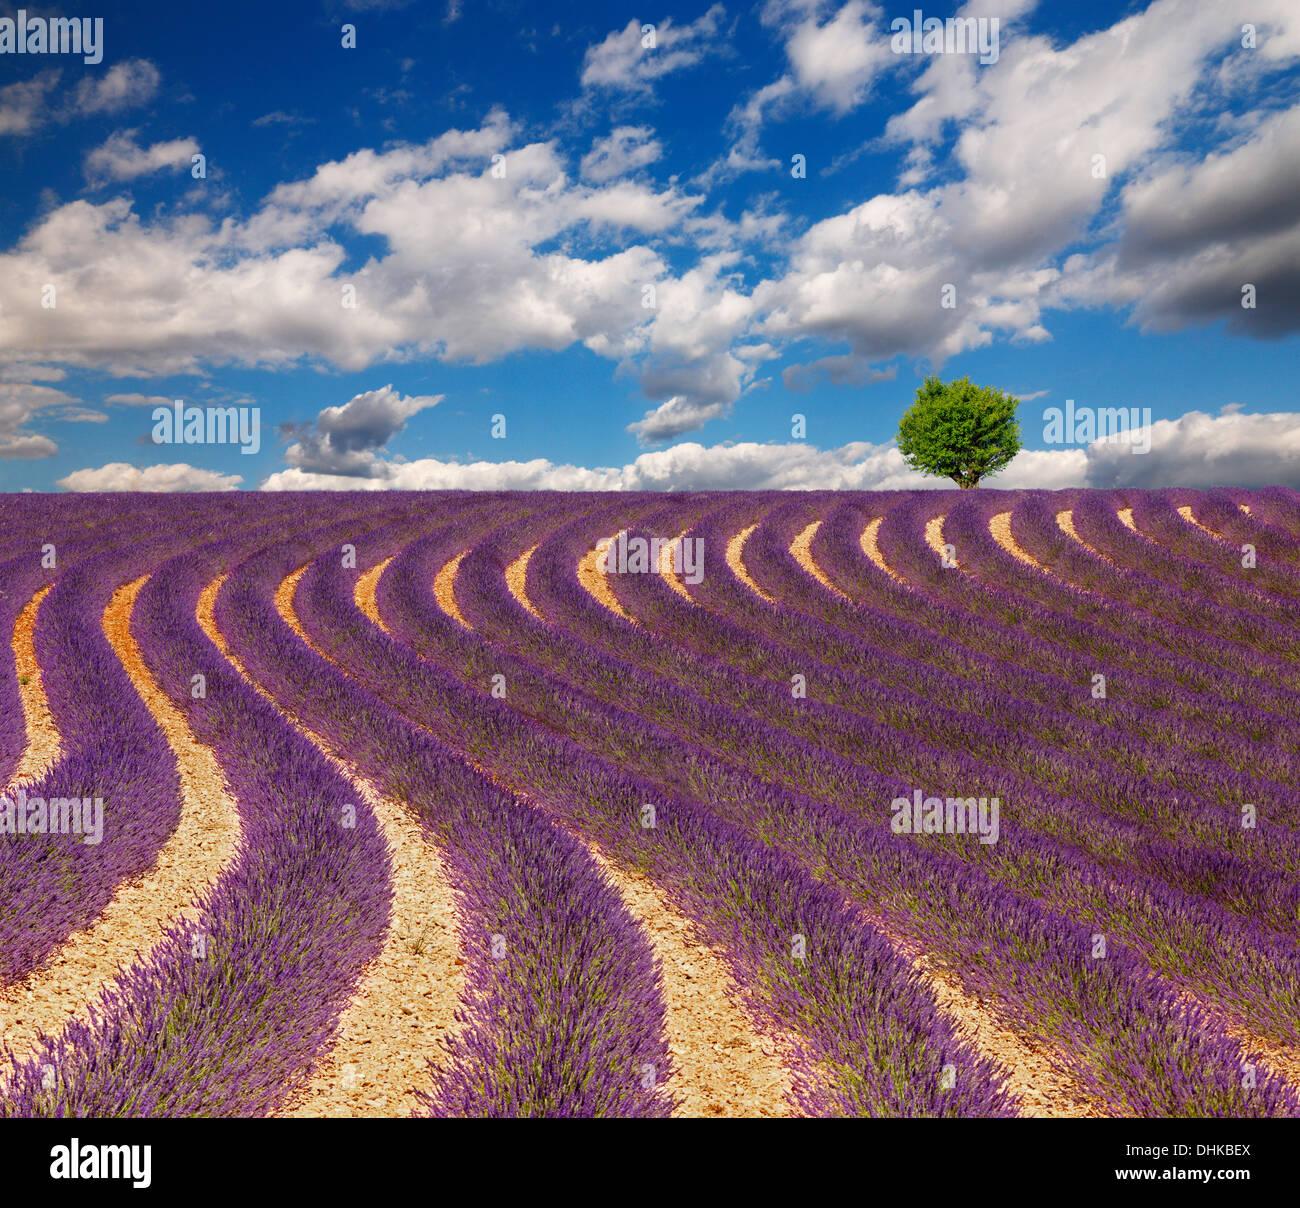 Champ de lavande avec de beaux nuages et un arbre à l'horizon. France, Provence. Photo Stock